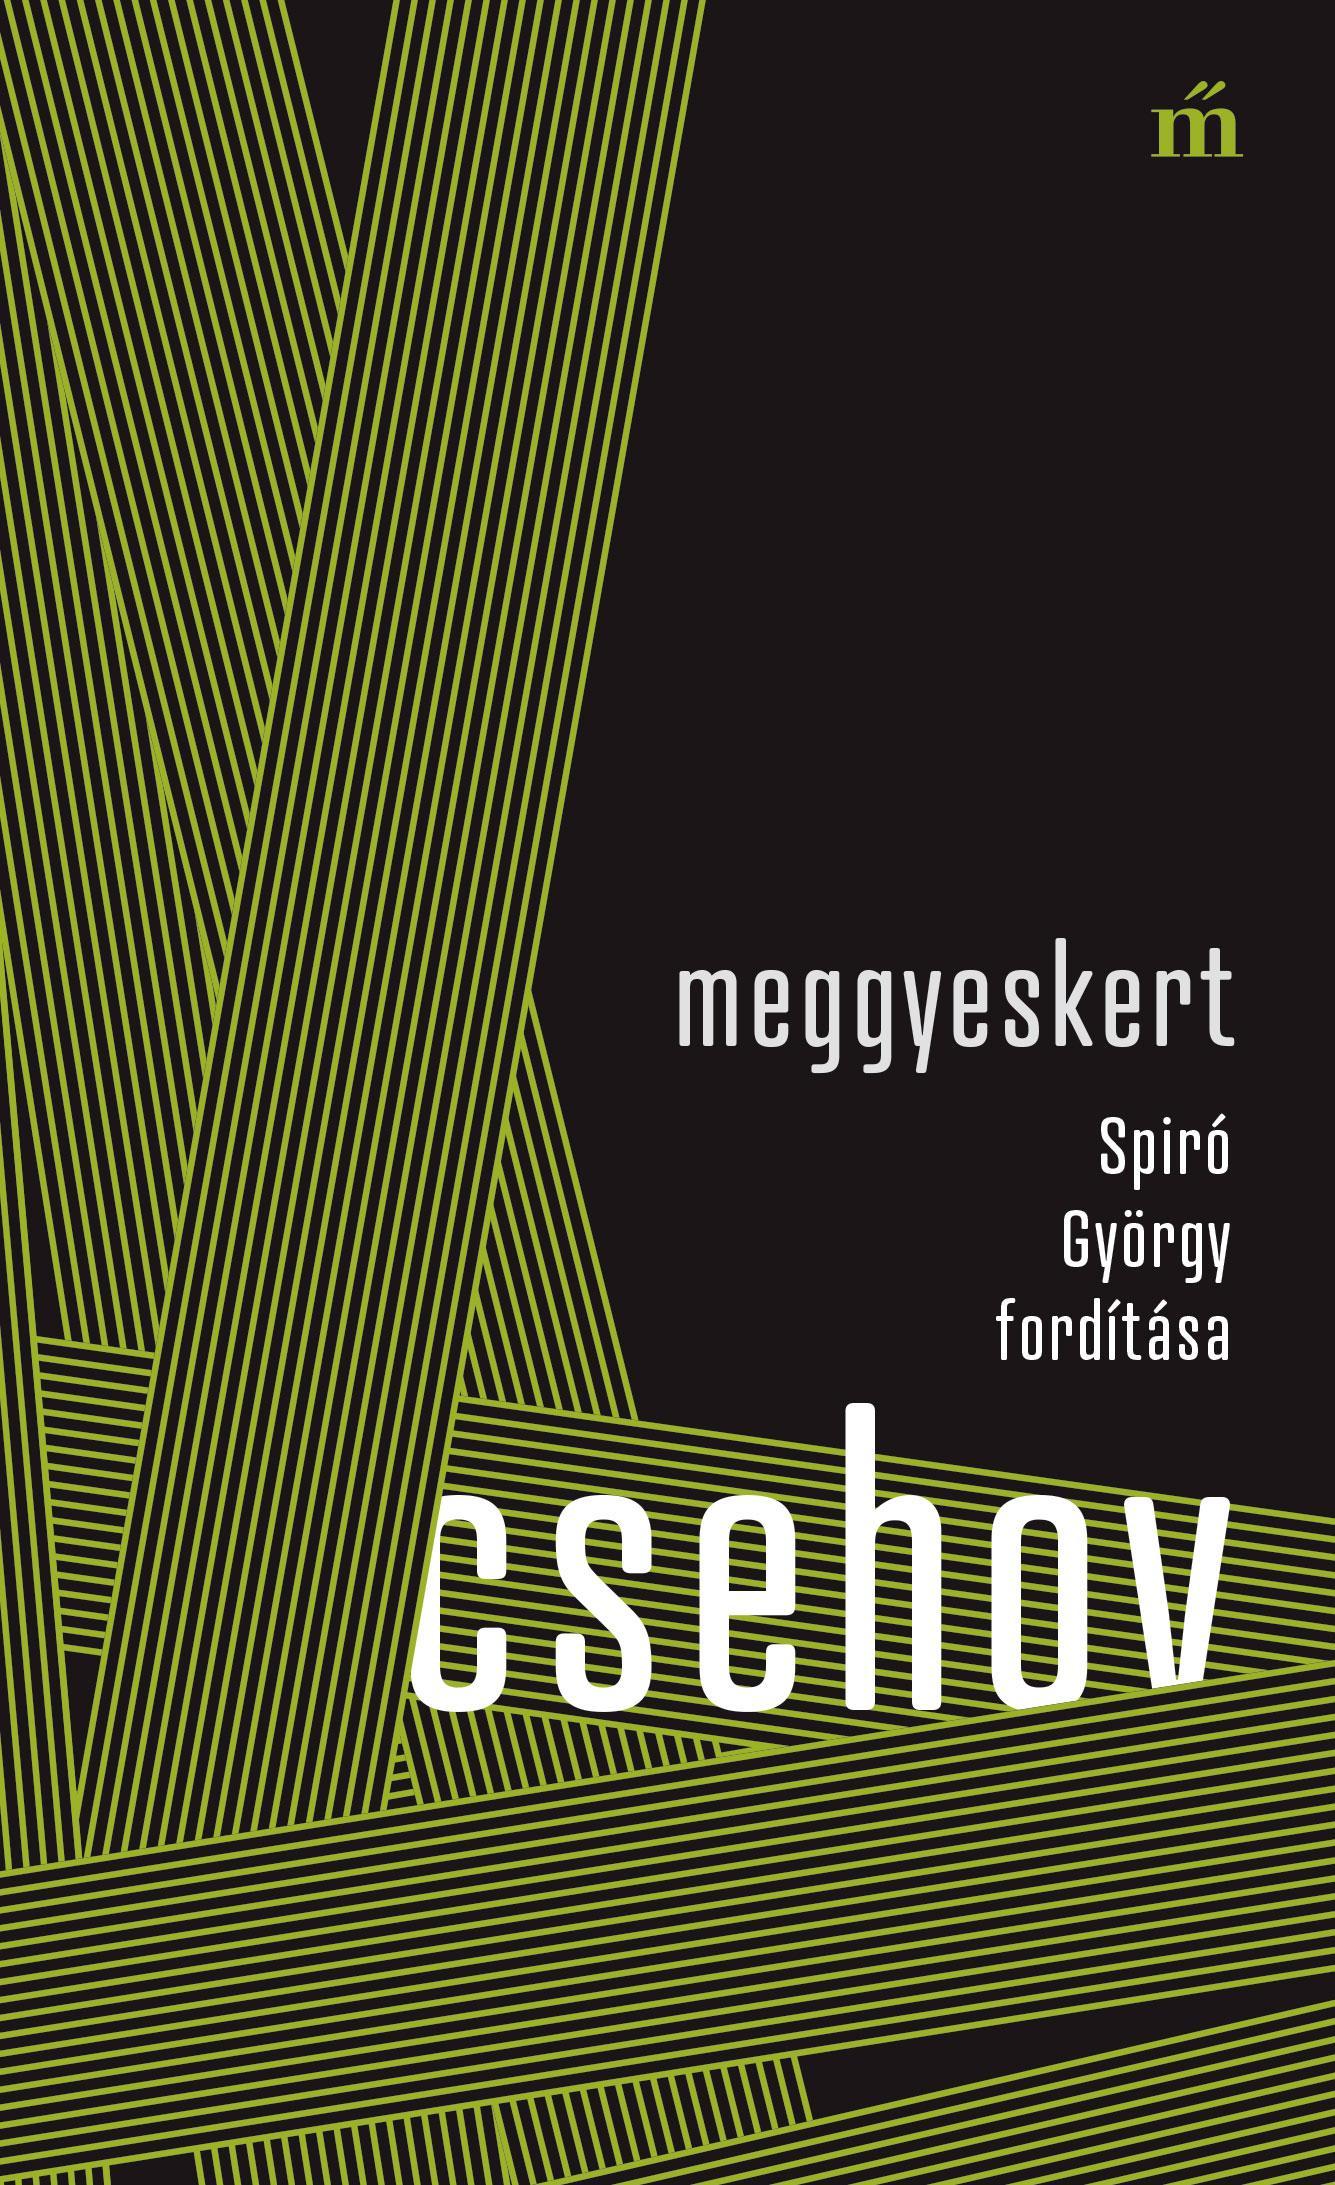 Csehov, Anton Pavlovics - Meggyeskert - Spiró György fordítása